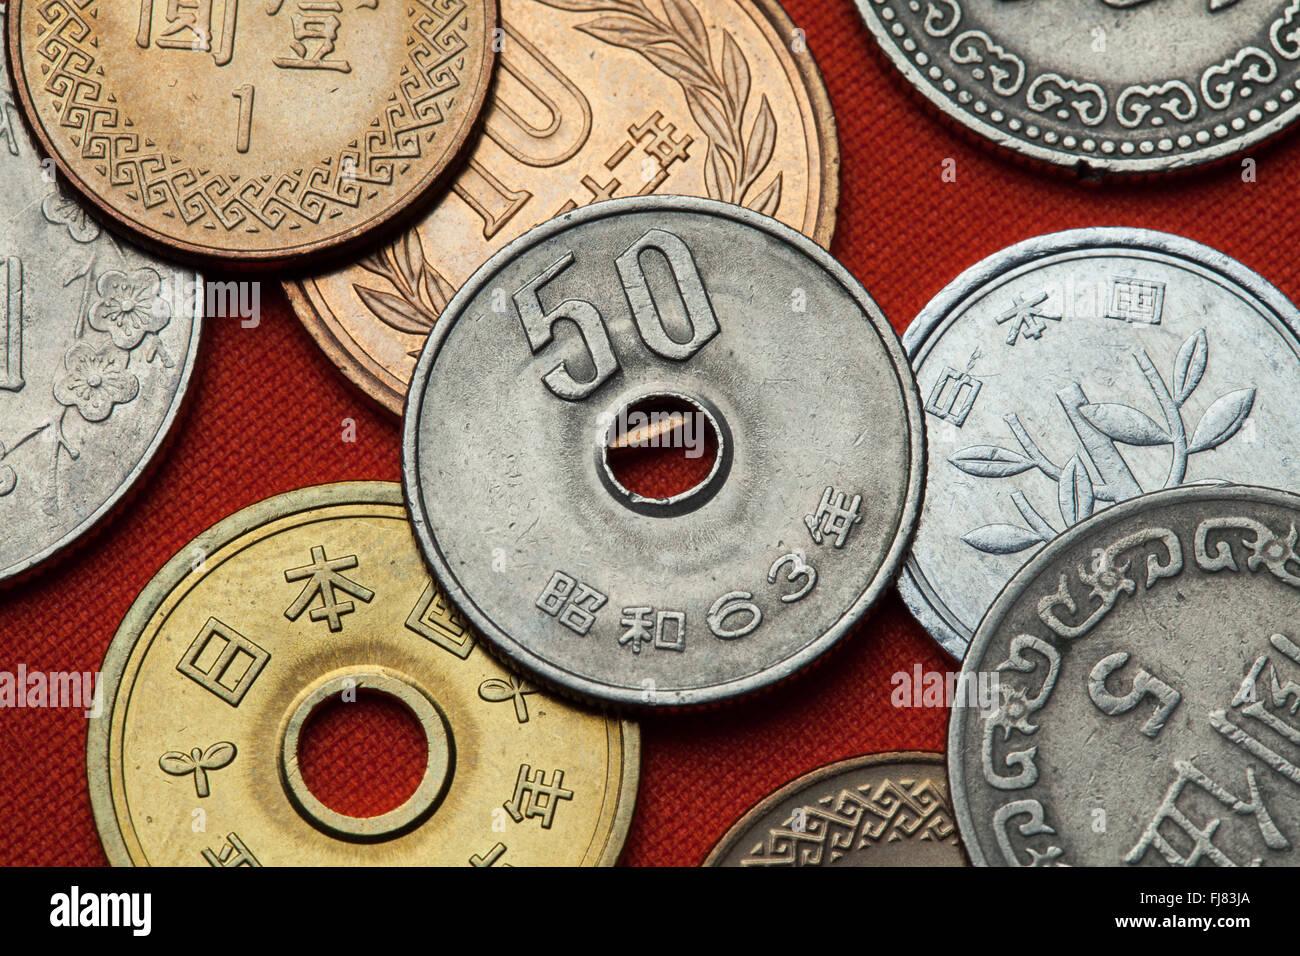 Münzen Von Japan Japanische 50 Yen Münze Stockfoto Bild 97294130